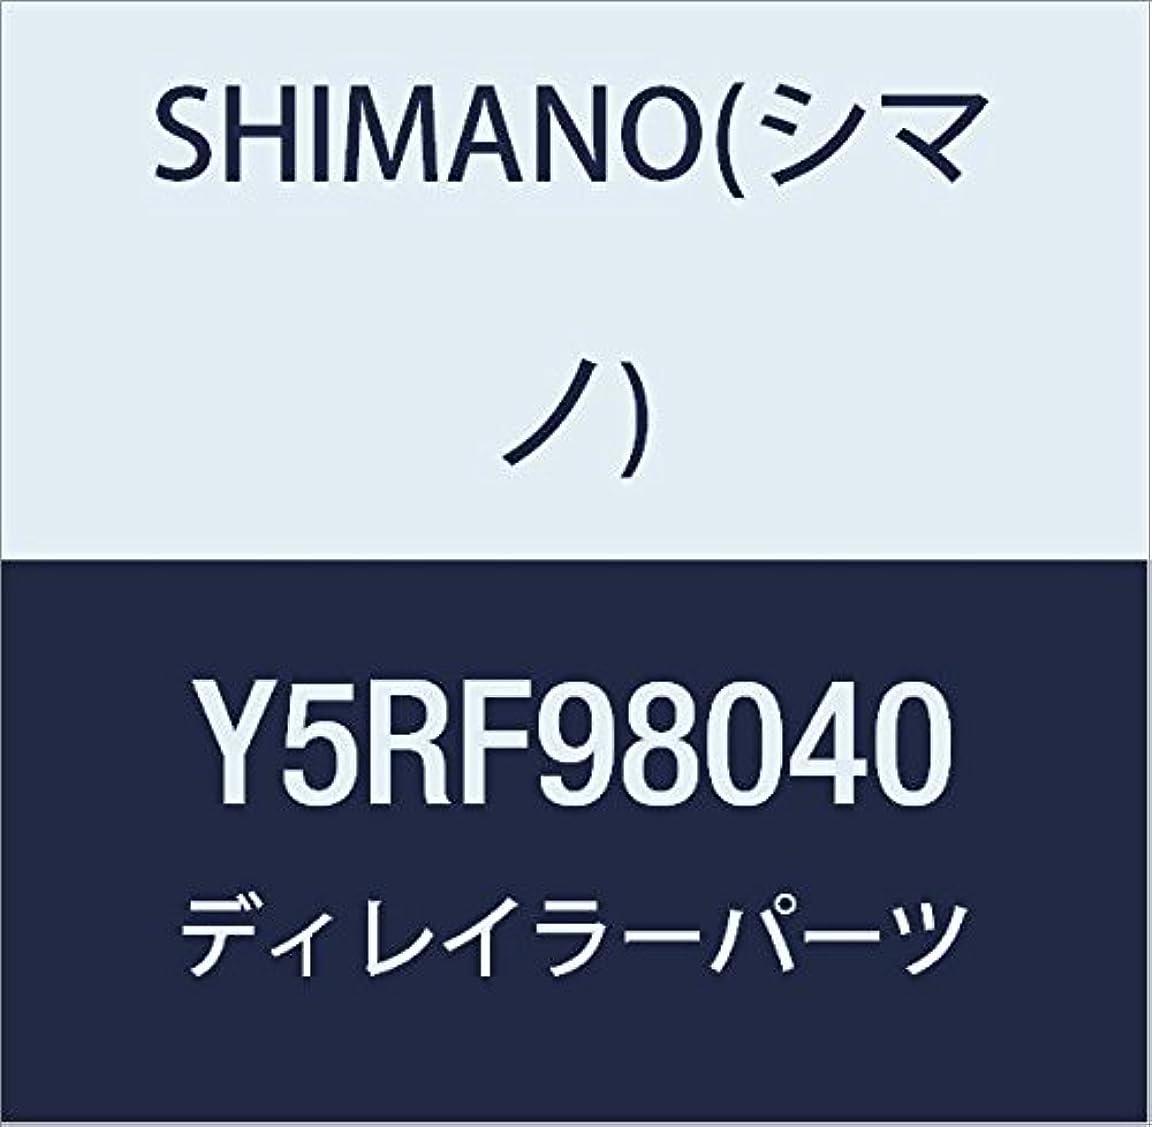 滅びる期限切れシンプルなSHIMANO(シマノ) RD-4700 Rプレートクミ/GS Y5RF98040